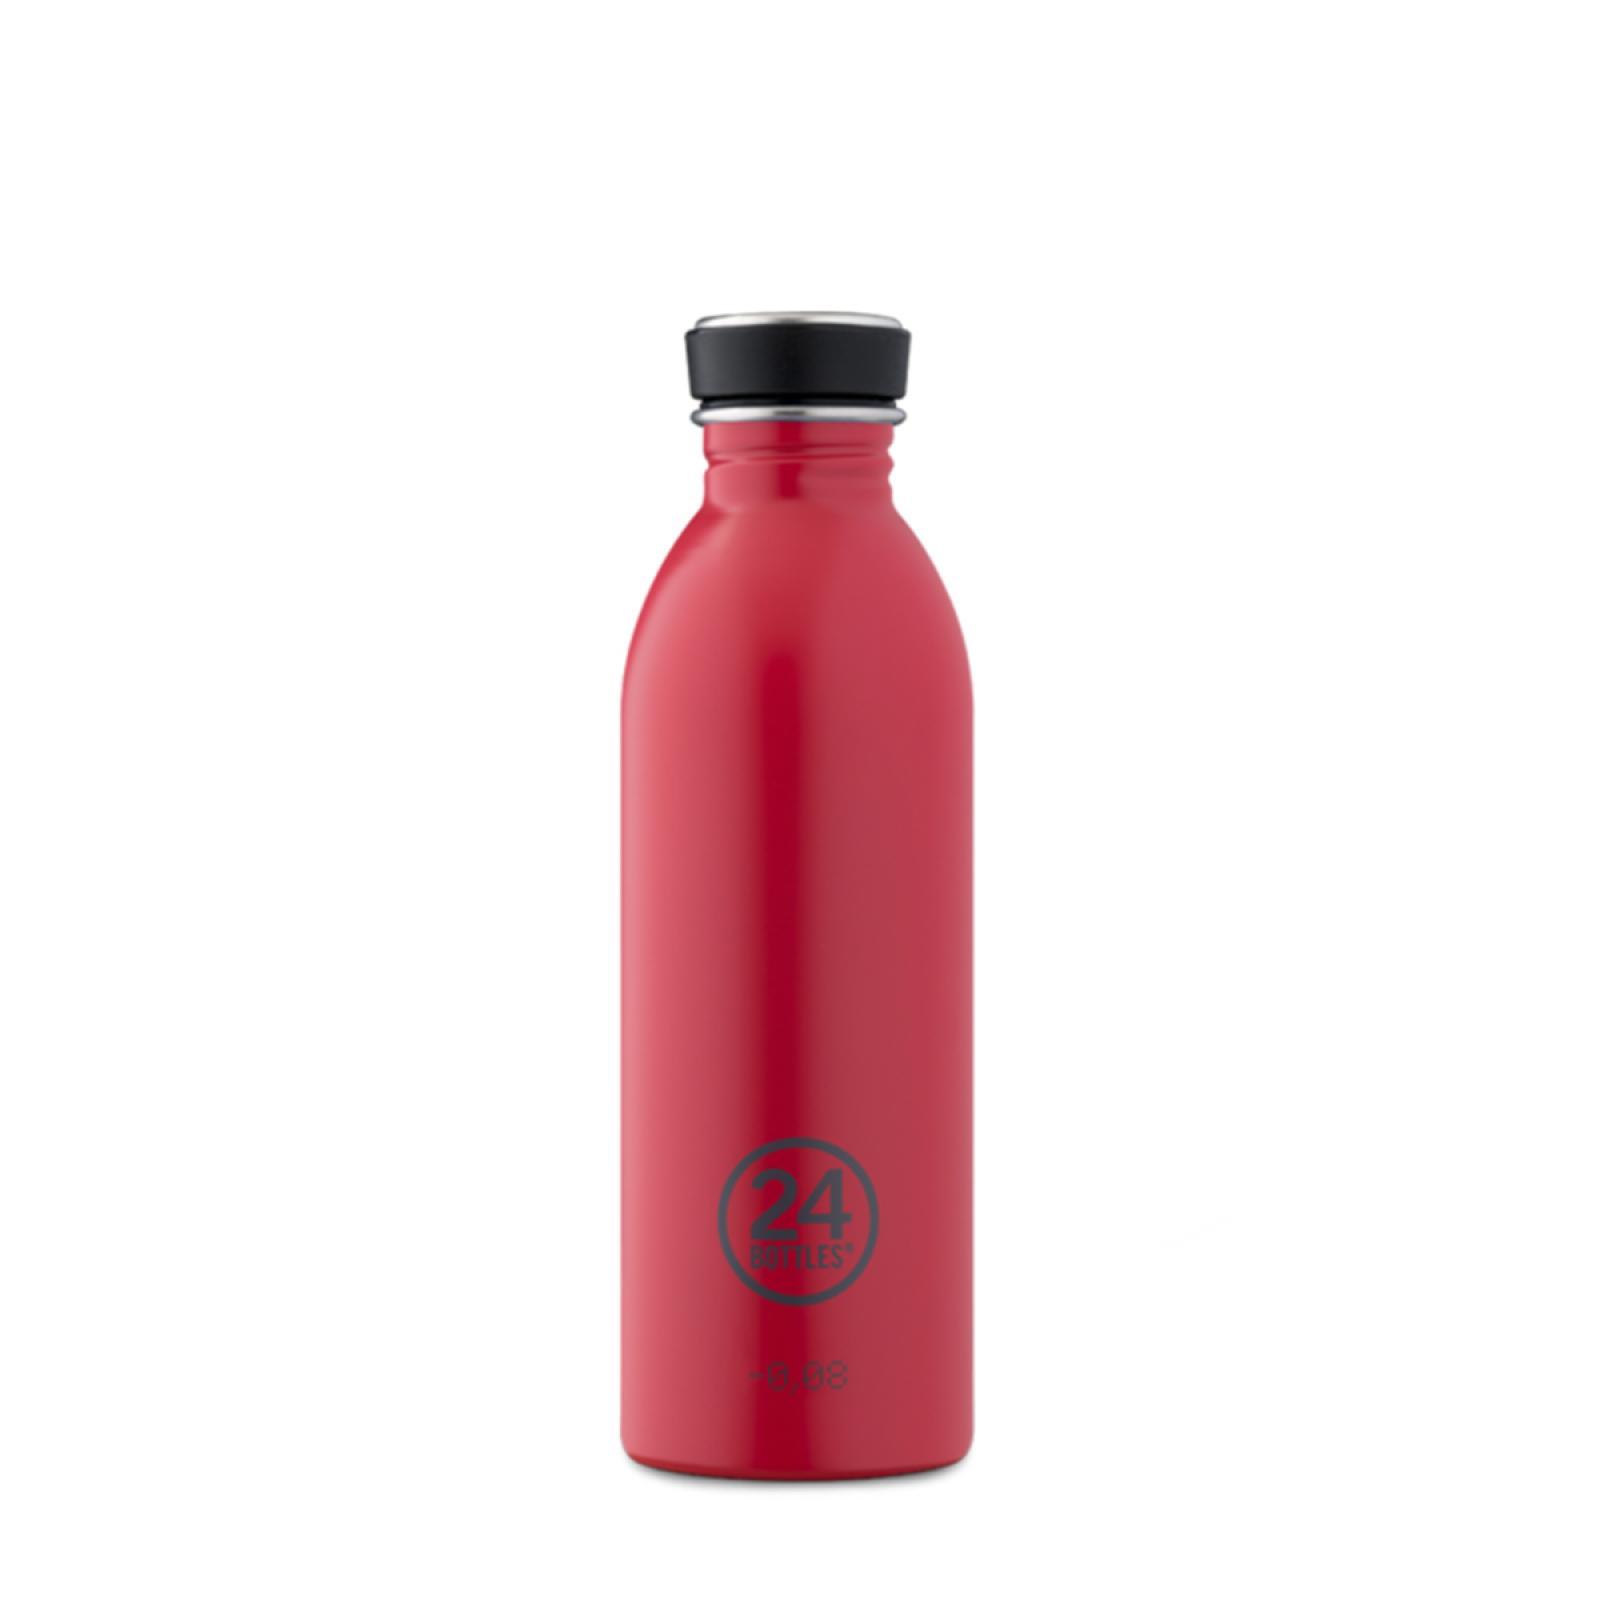 24BO Urban Bottle Hot Red 500 ml - 1